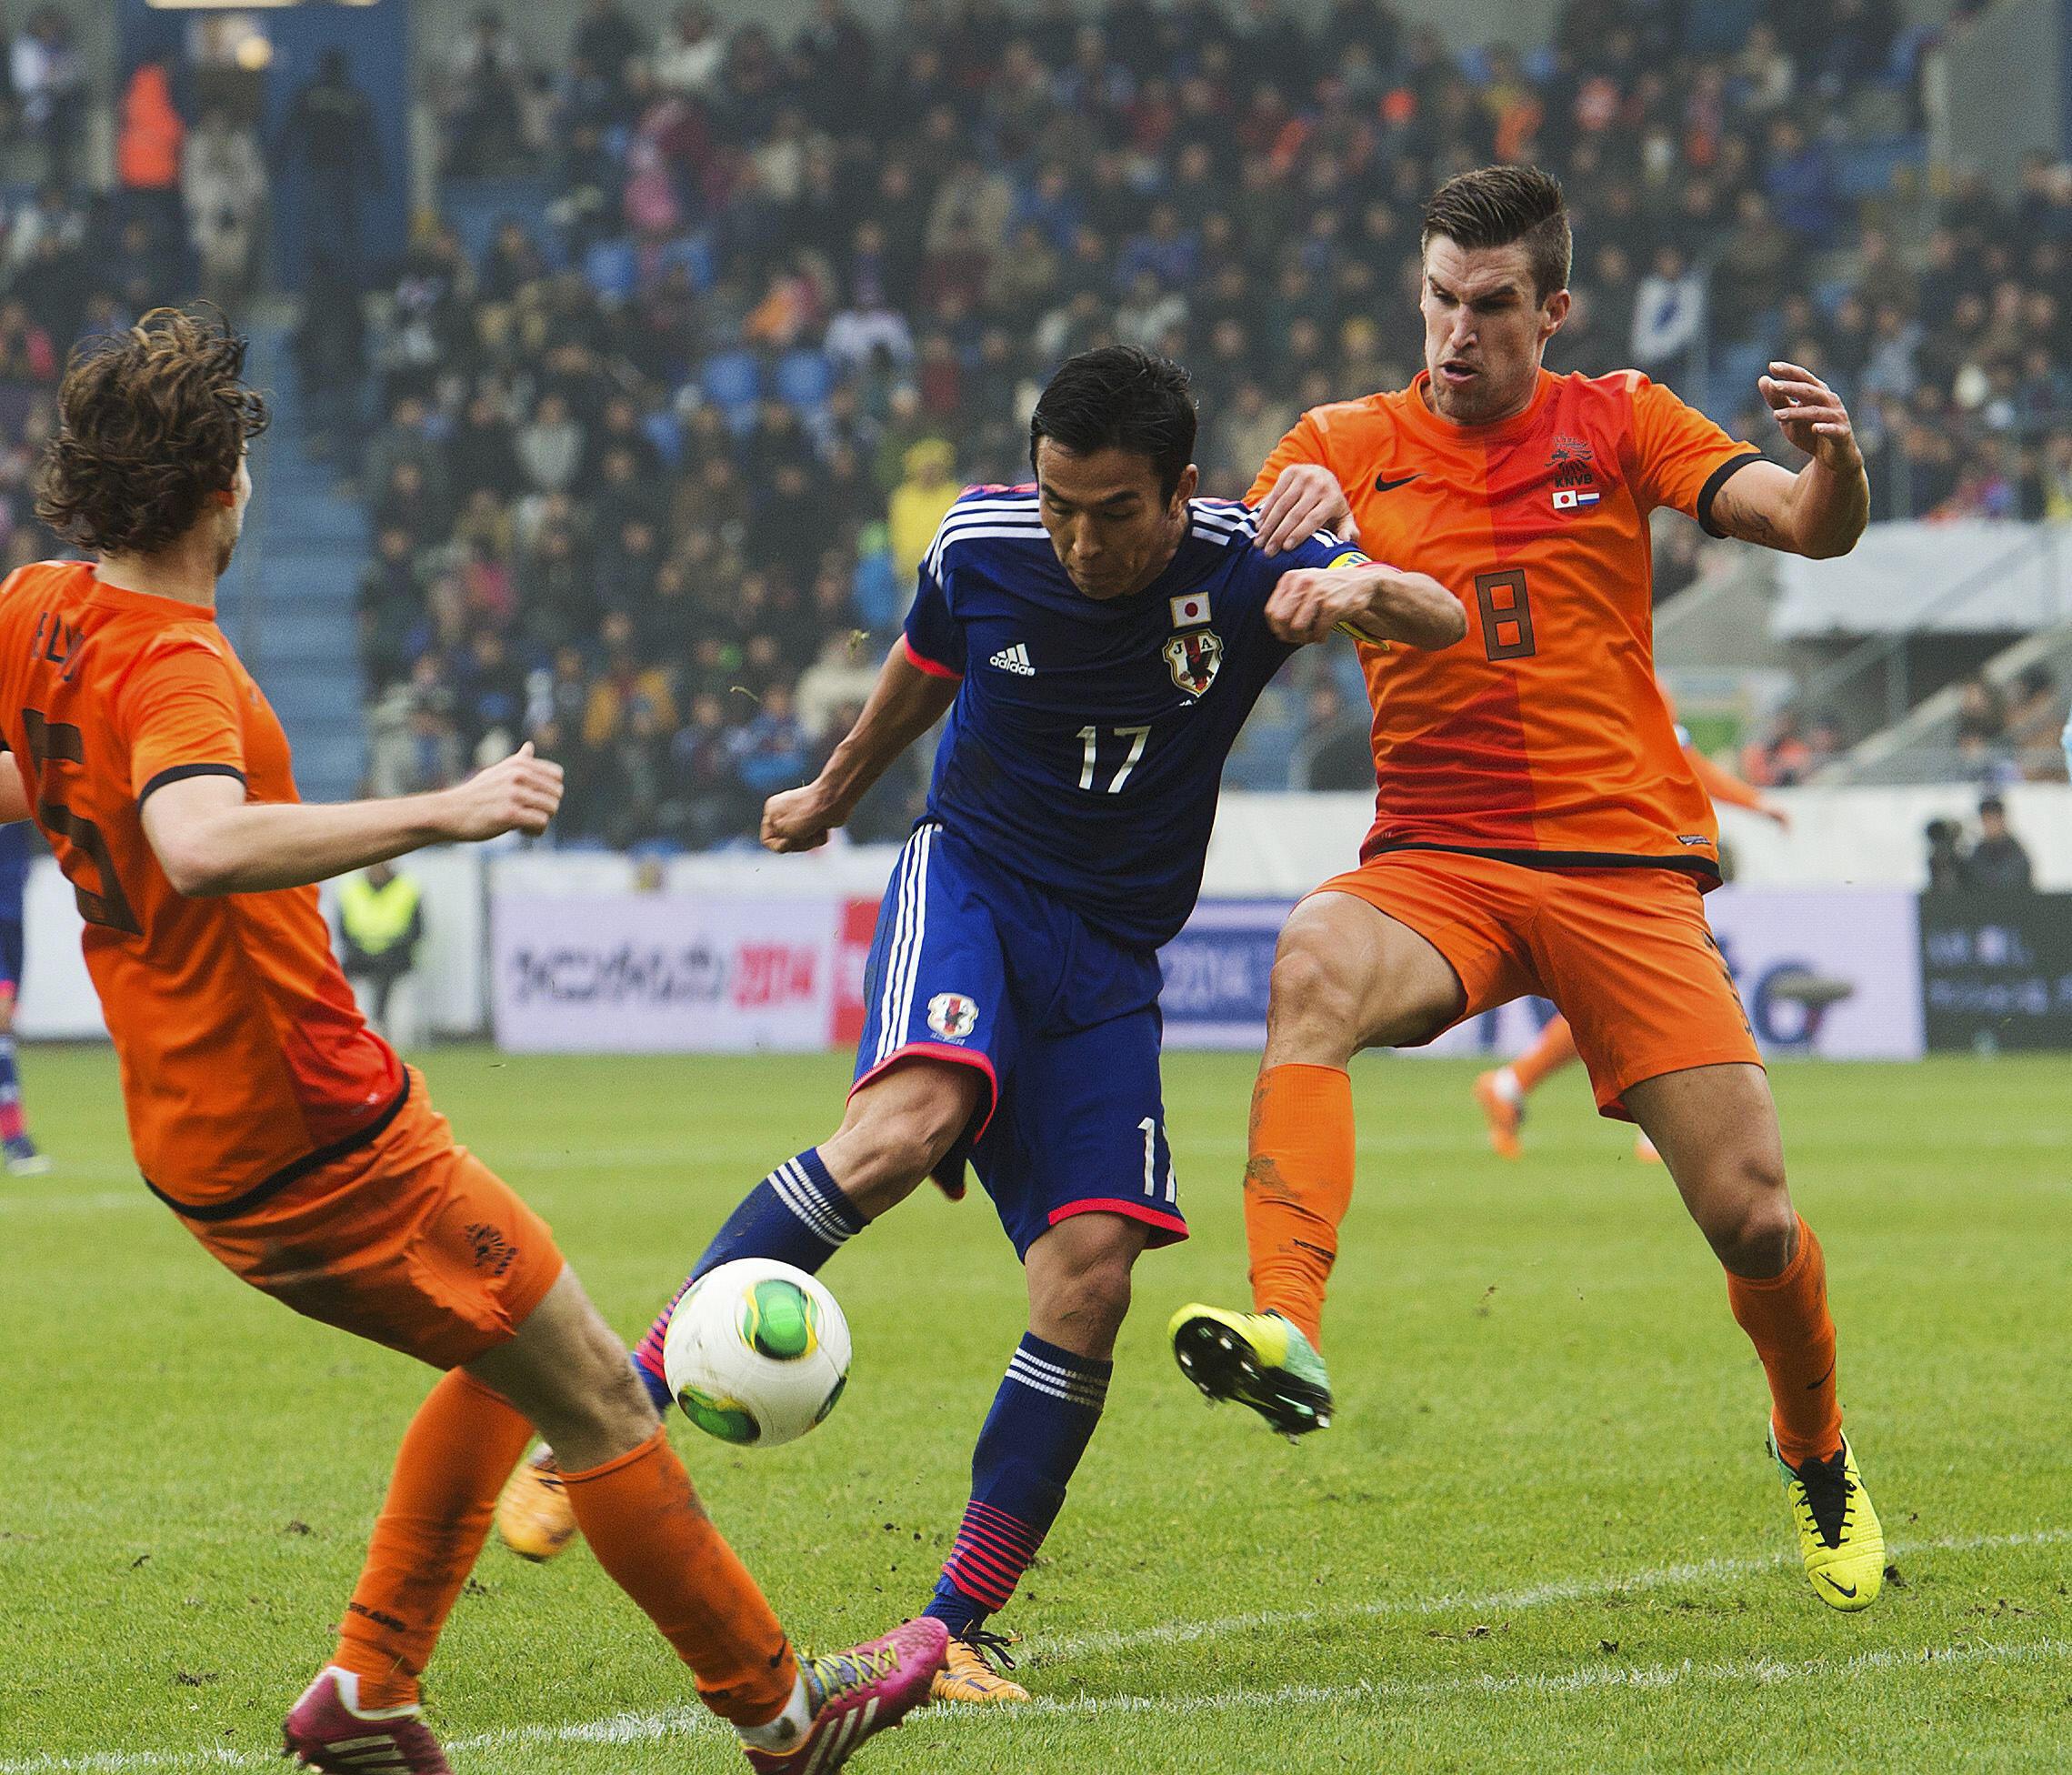 Đội tuyển Nhật Bản có thể chơi ngang ngửa với các đội bóng lớn của thế giới. Ảnh: Cầu thủ Nhật Makoto Hasebe ghi bàn trong trận giao hữu với đội Hà Lan ngày 16/11/2013.